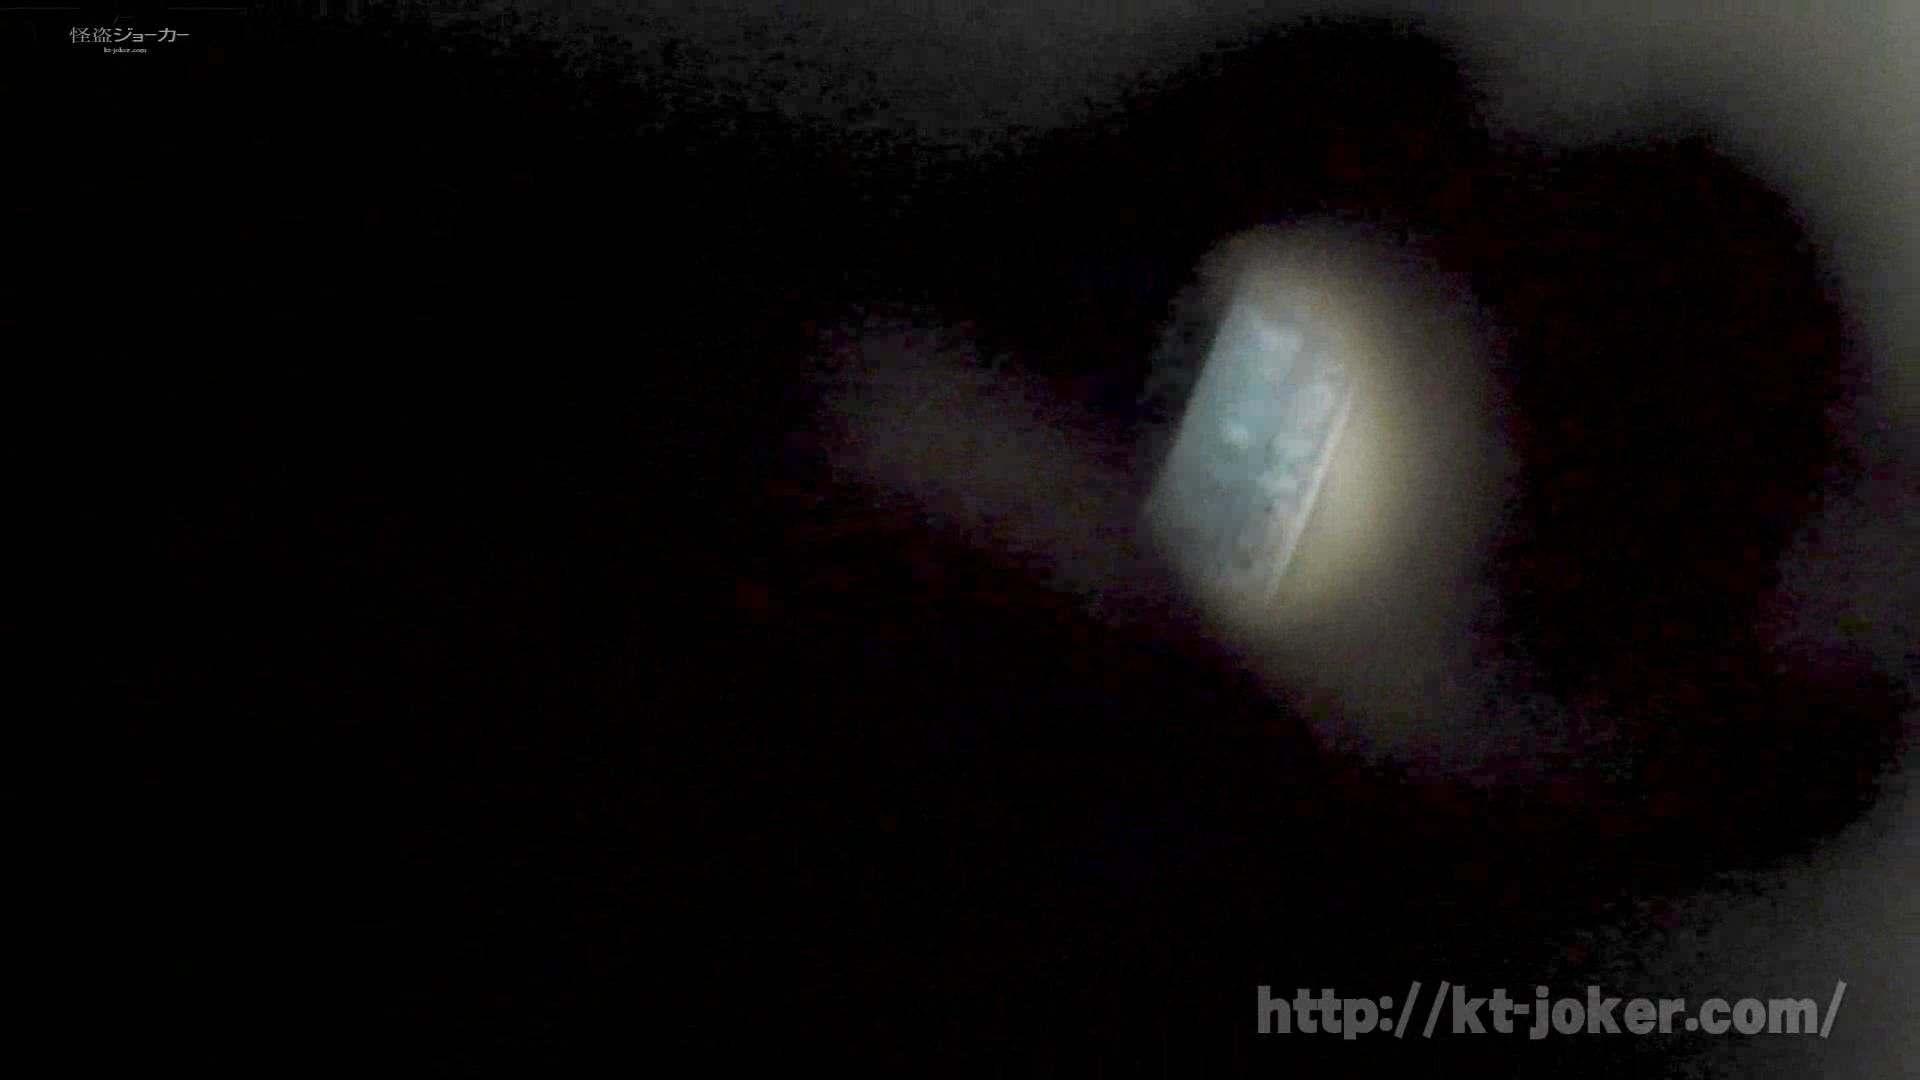 命がけ潜伏洗面所! vol.58 さらなる無謀な挑戦、新アングル、壁に穴を開ける OLエロ画像 のぞき濡れ場動画紹介 72PICs 53